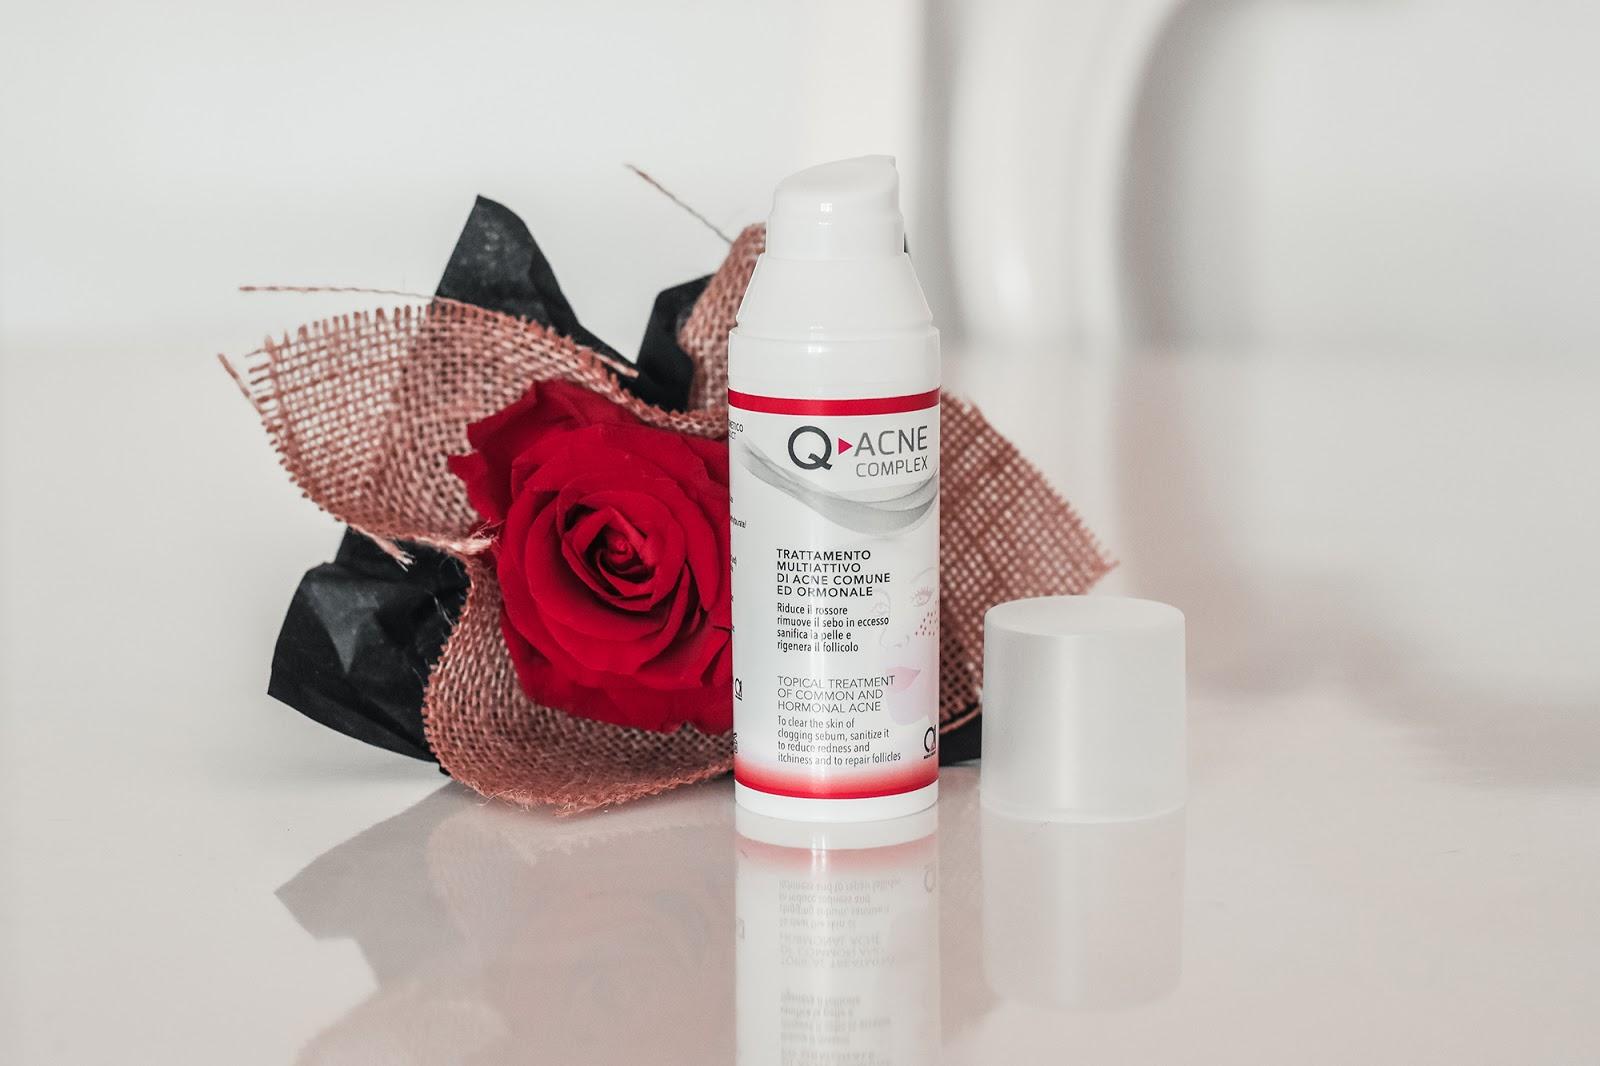 q-acne